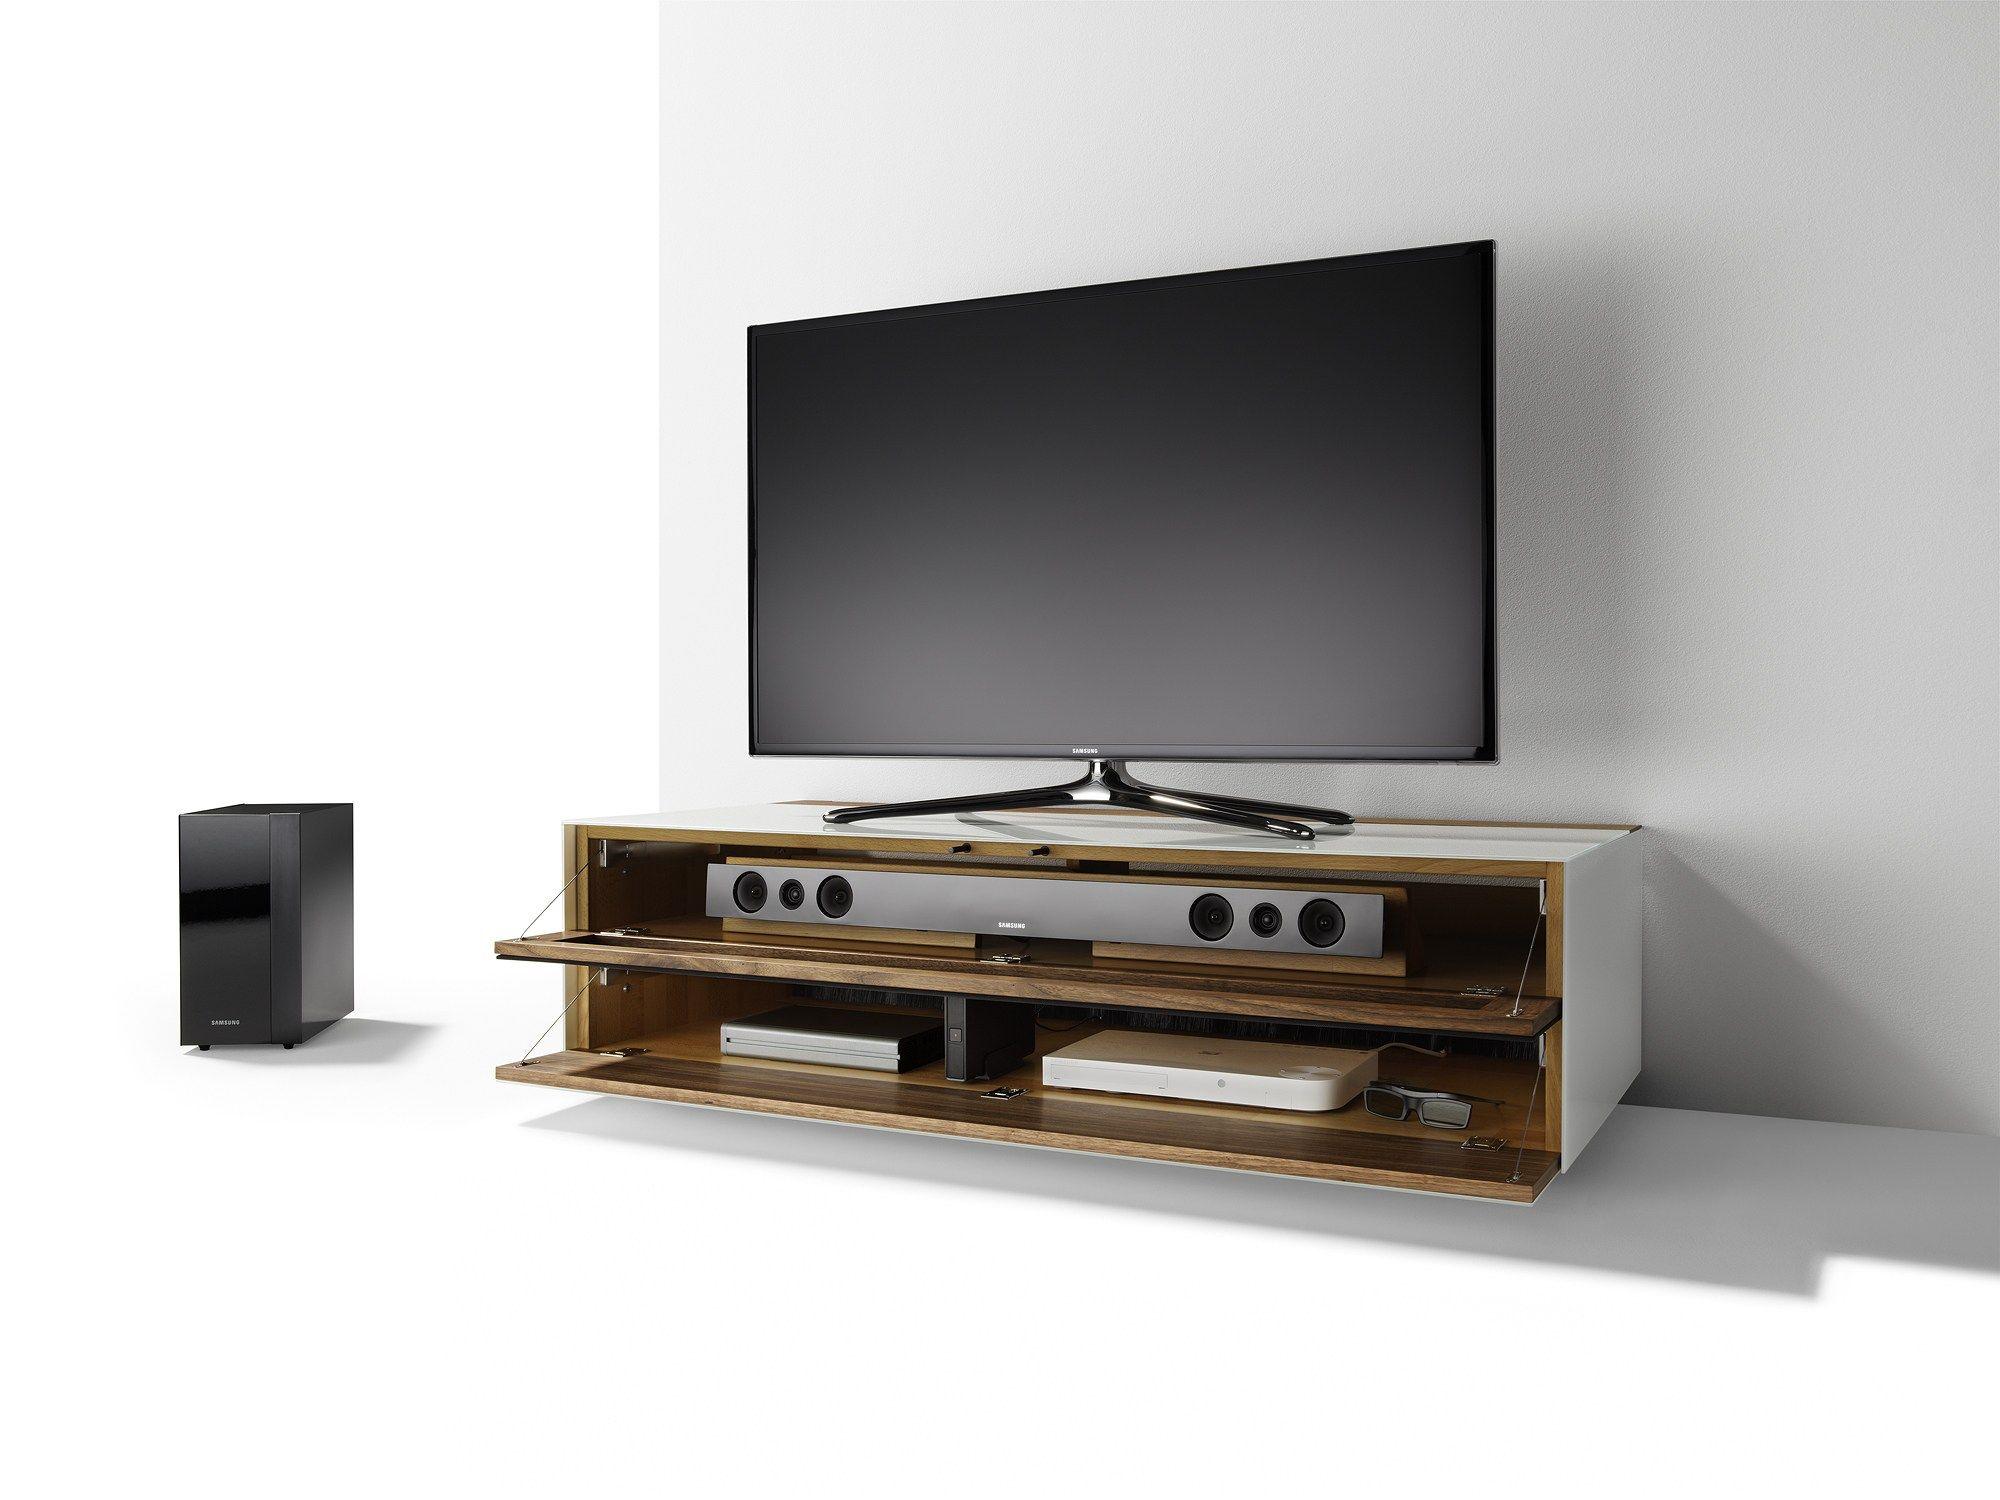 Meuble Tv Bas Et Long Bois Artzein Com # Meuble Tv Long Bois